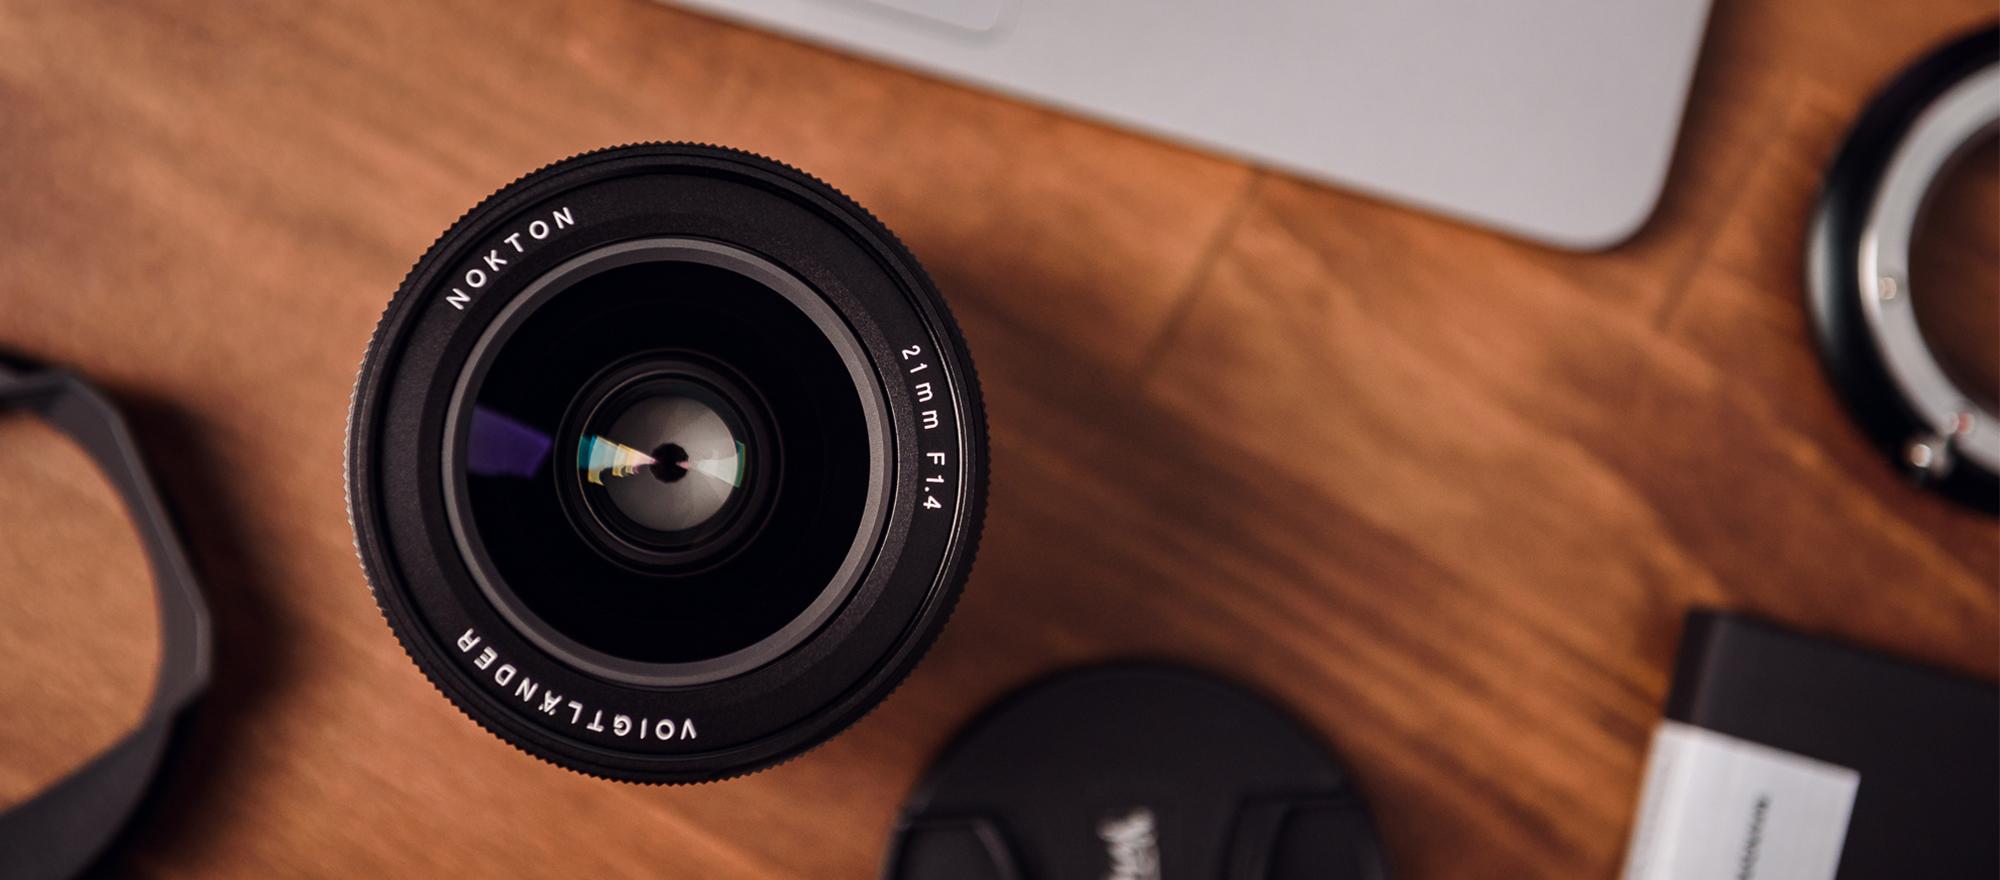 Obiektyw Voigtlander Nokton 21 mm f/1,4 z mocowaniem Leica M na biurku wraz z akcesoriami